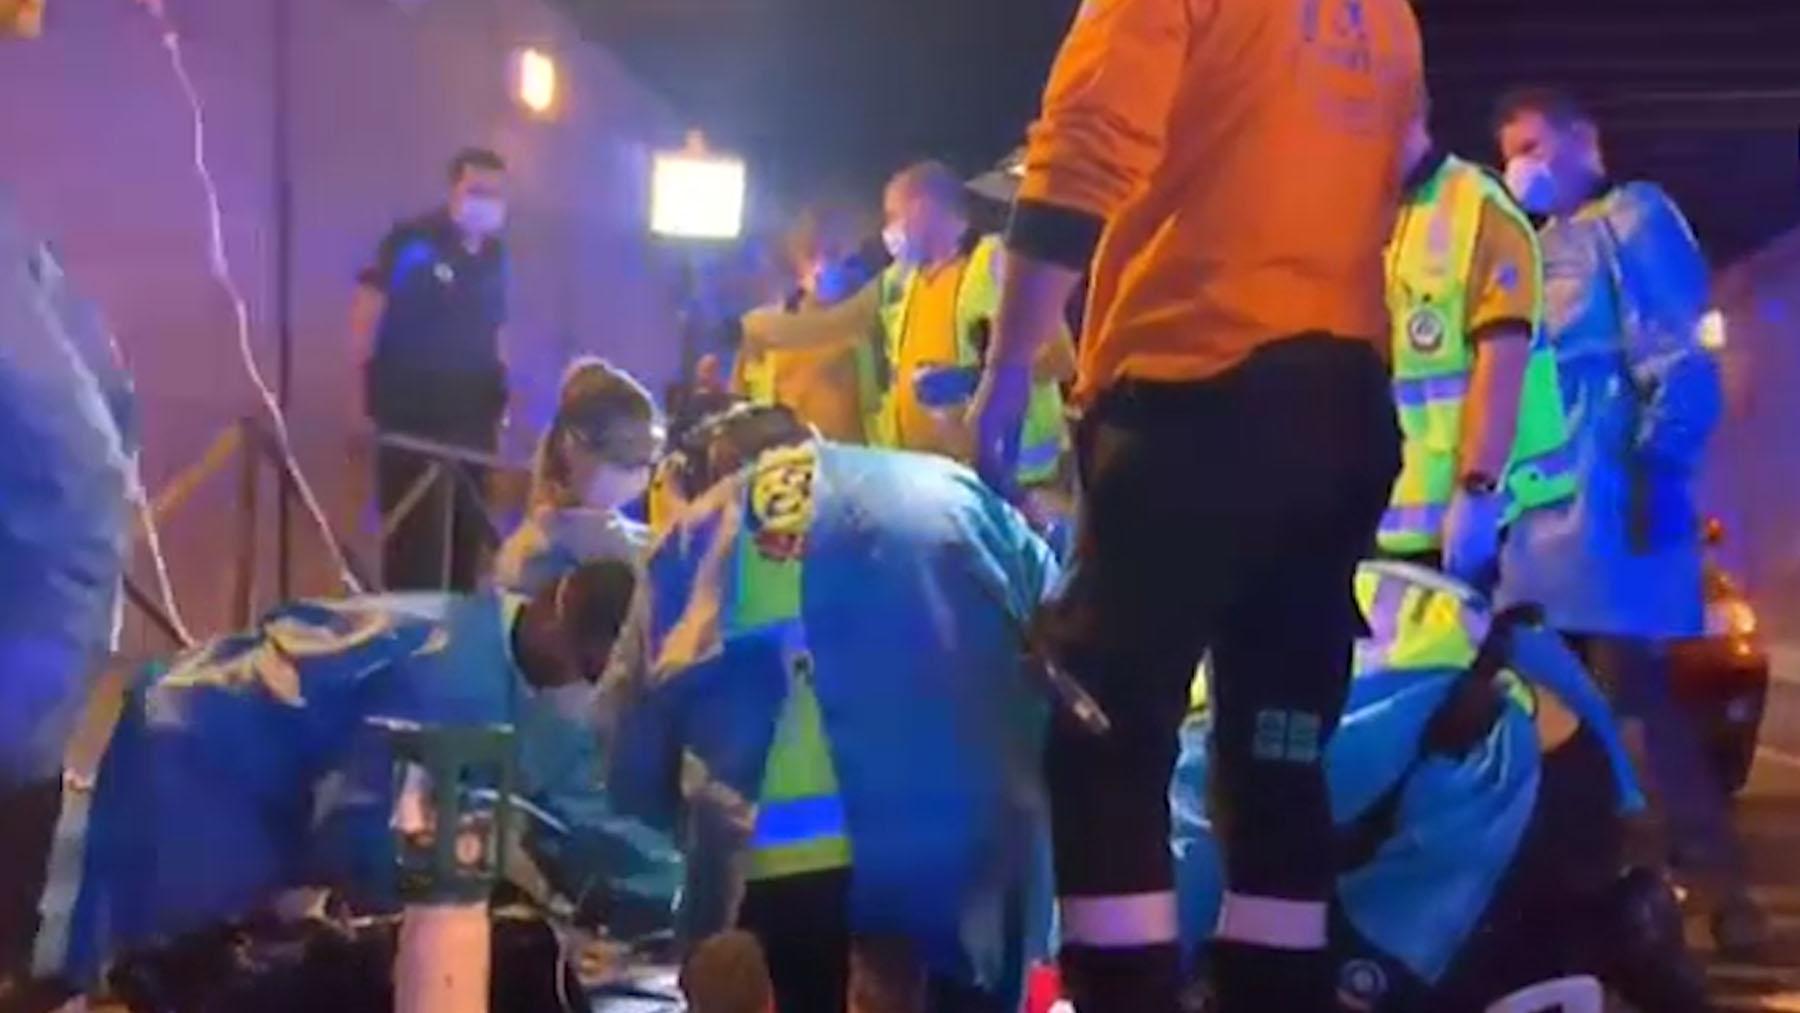 Los equipos de emergencias intentan reanimar a la víctima.